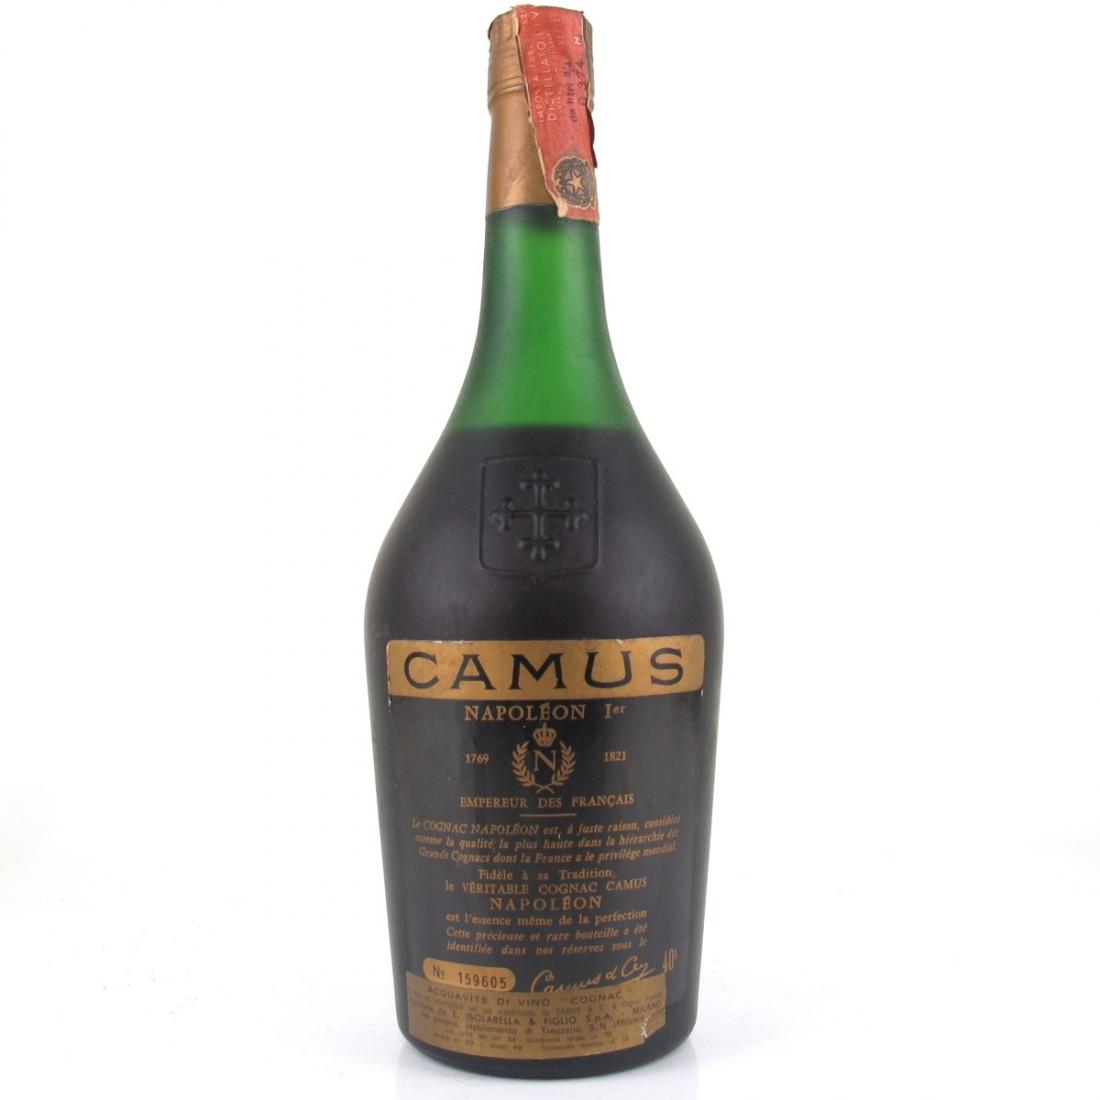 Camus Napoleon La Grande Marque Cognac 1970s